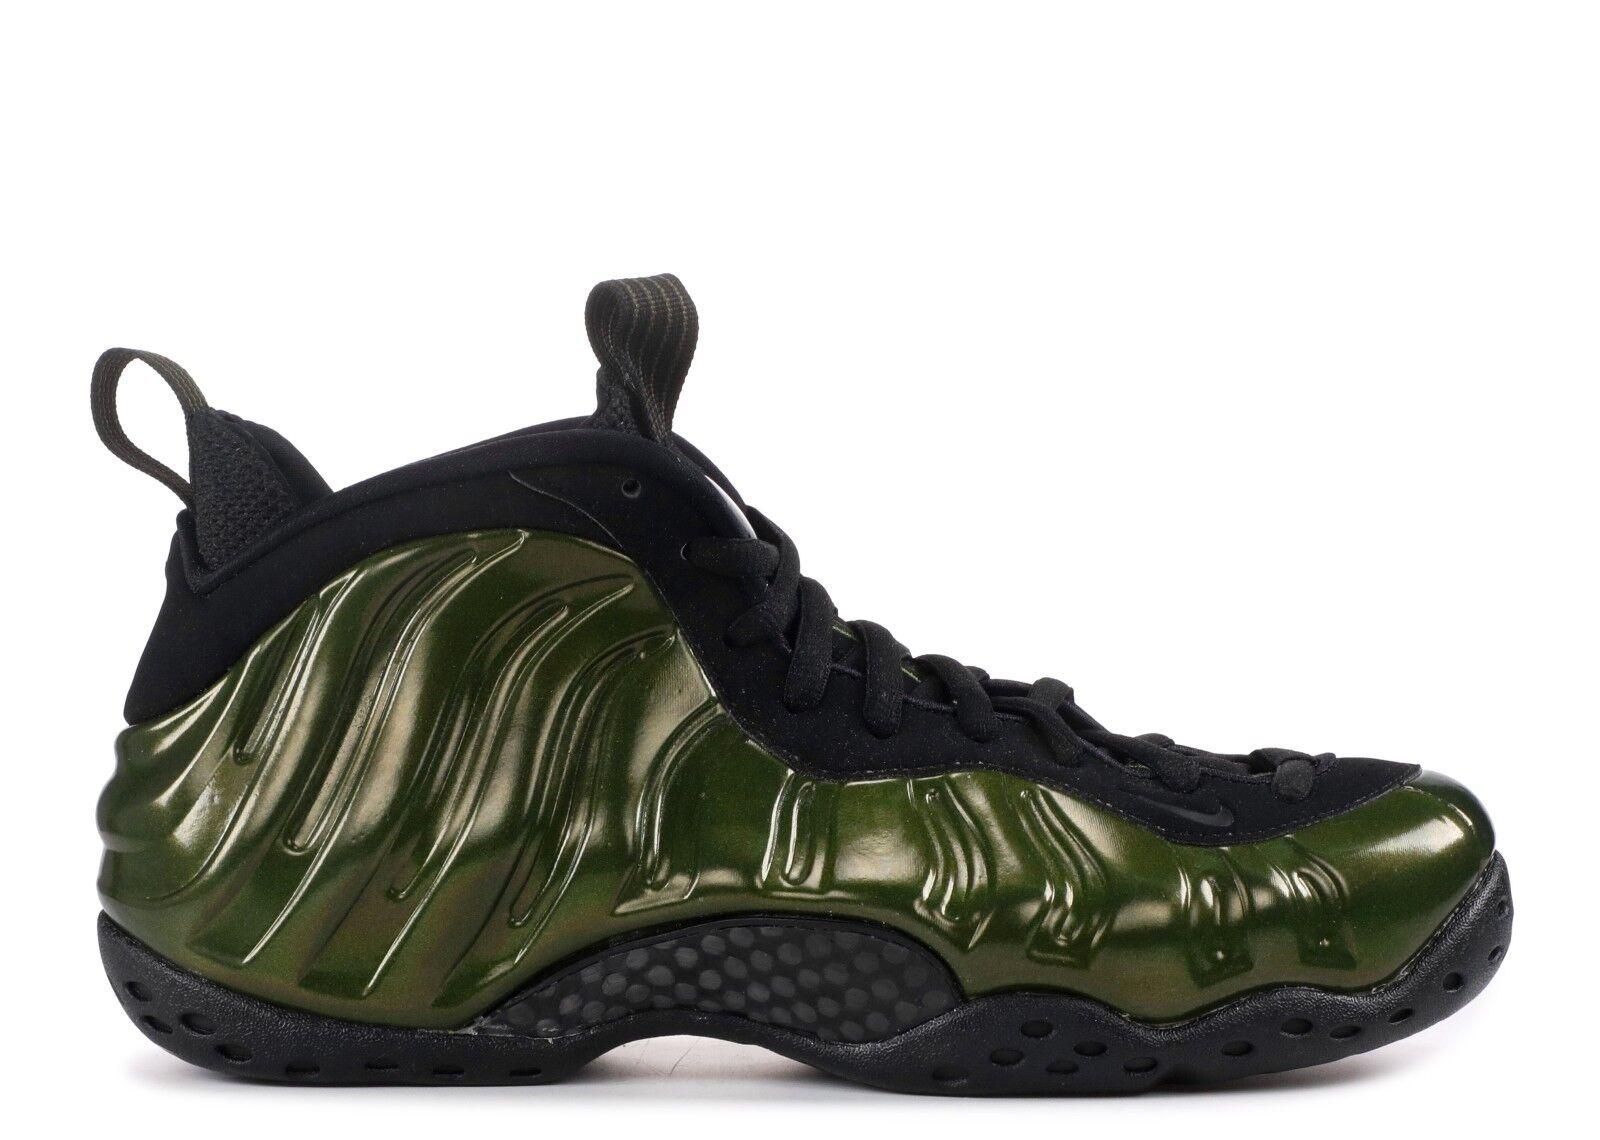 8ac6f1e7b1 Nike Air One Green Black New Size 15 Foamposite Legion nxydjw7423 ...